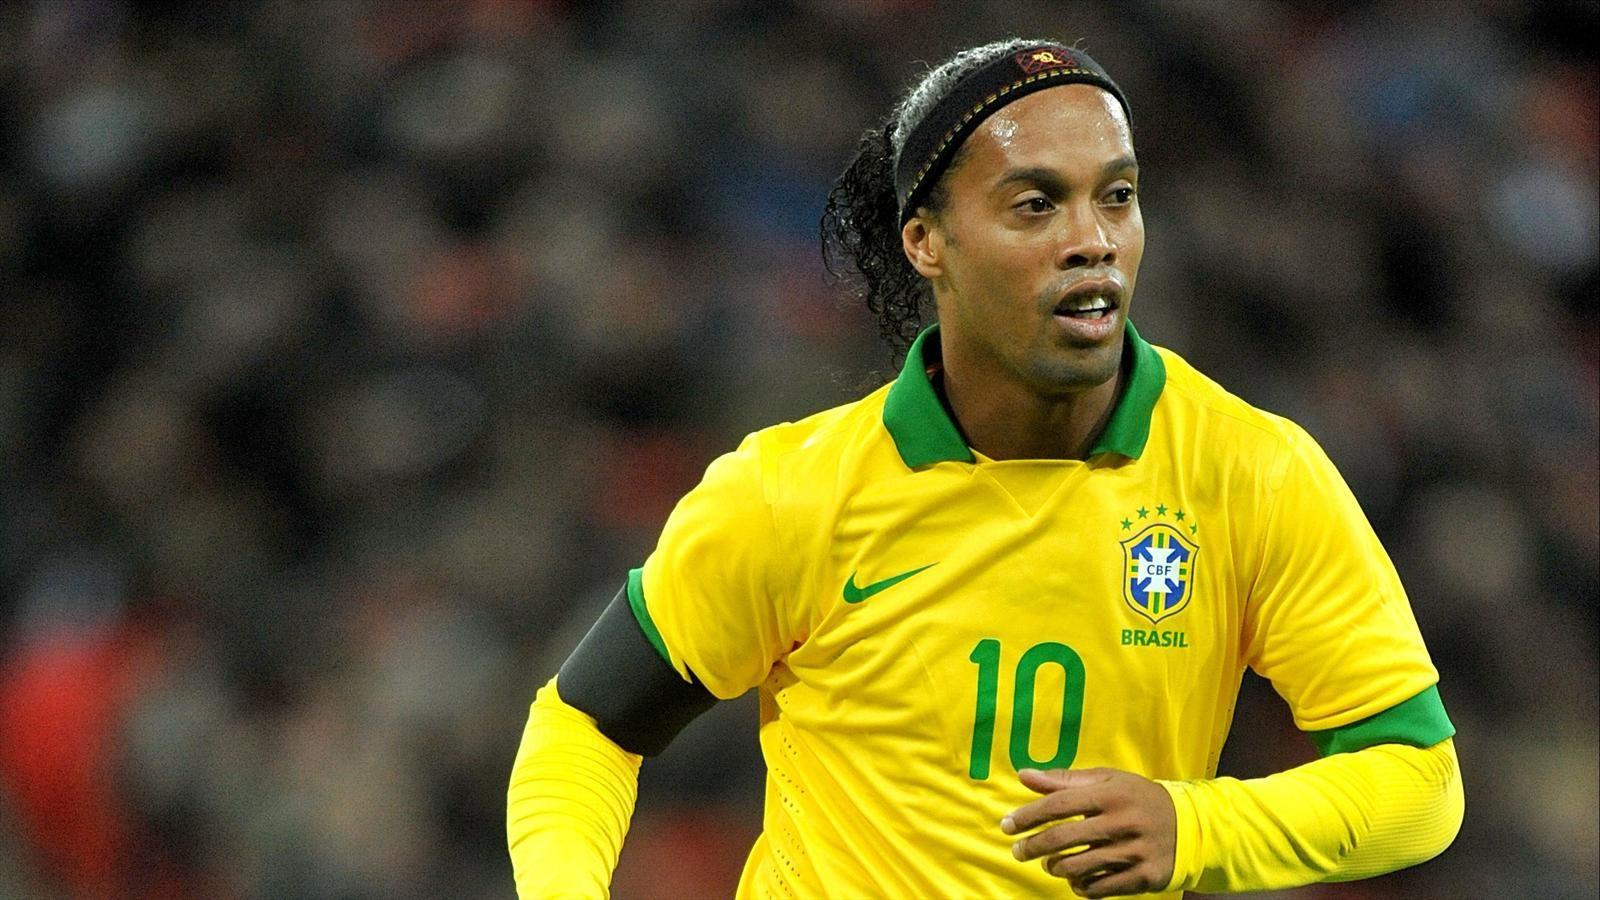 Ronaldinho là một huyền thoại luôn được người hâm mộ yêu mến vì lối chơi đẹp mắt